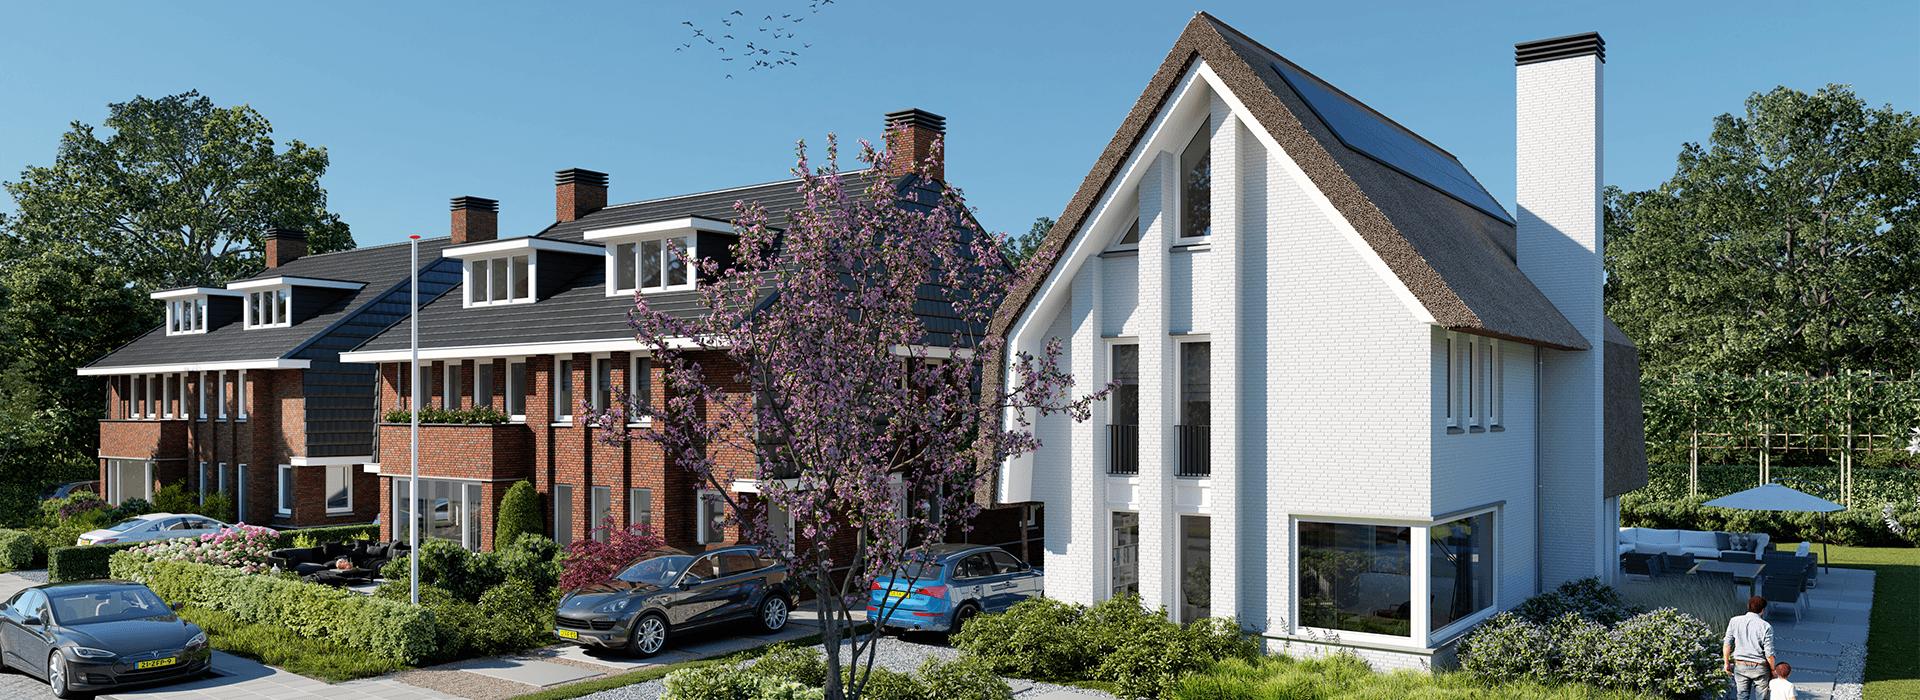 Soest ziet geen probleem in vijftal sjieke woningen SuysenBosch, start verkoop mogelijk deze zomer